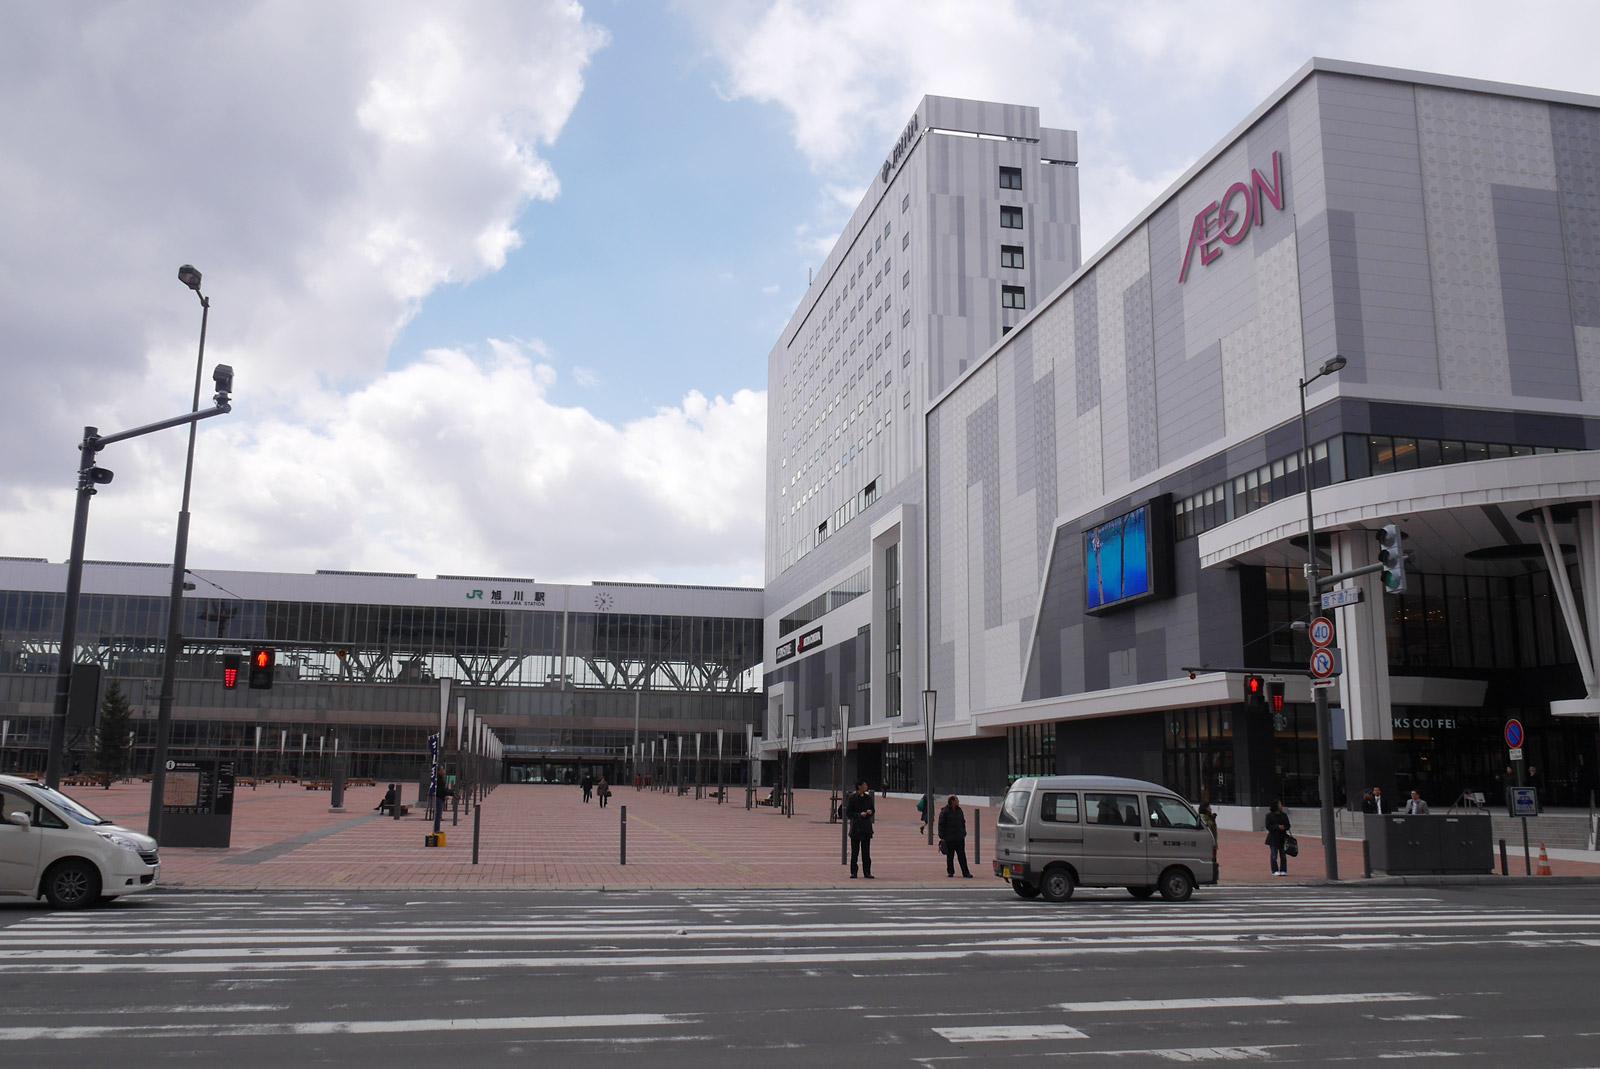 旭川駅のカッコよさに驚愕